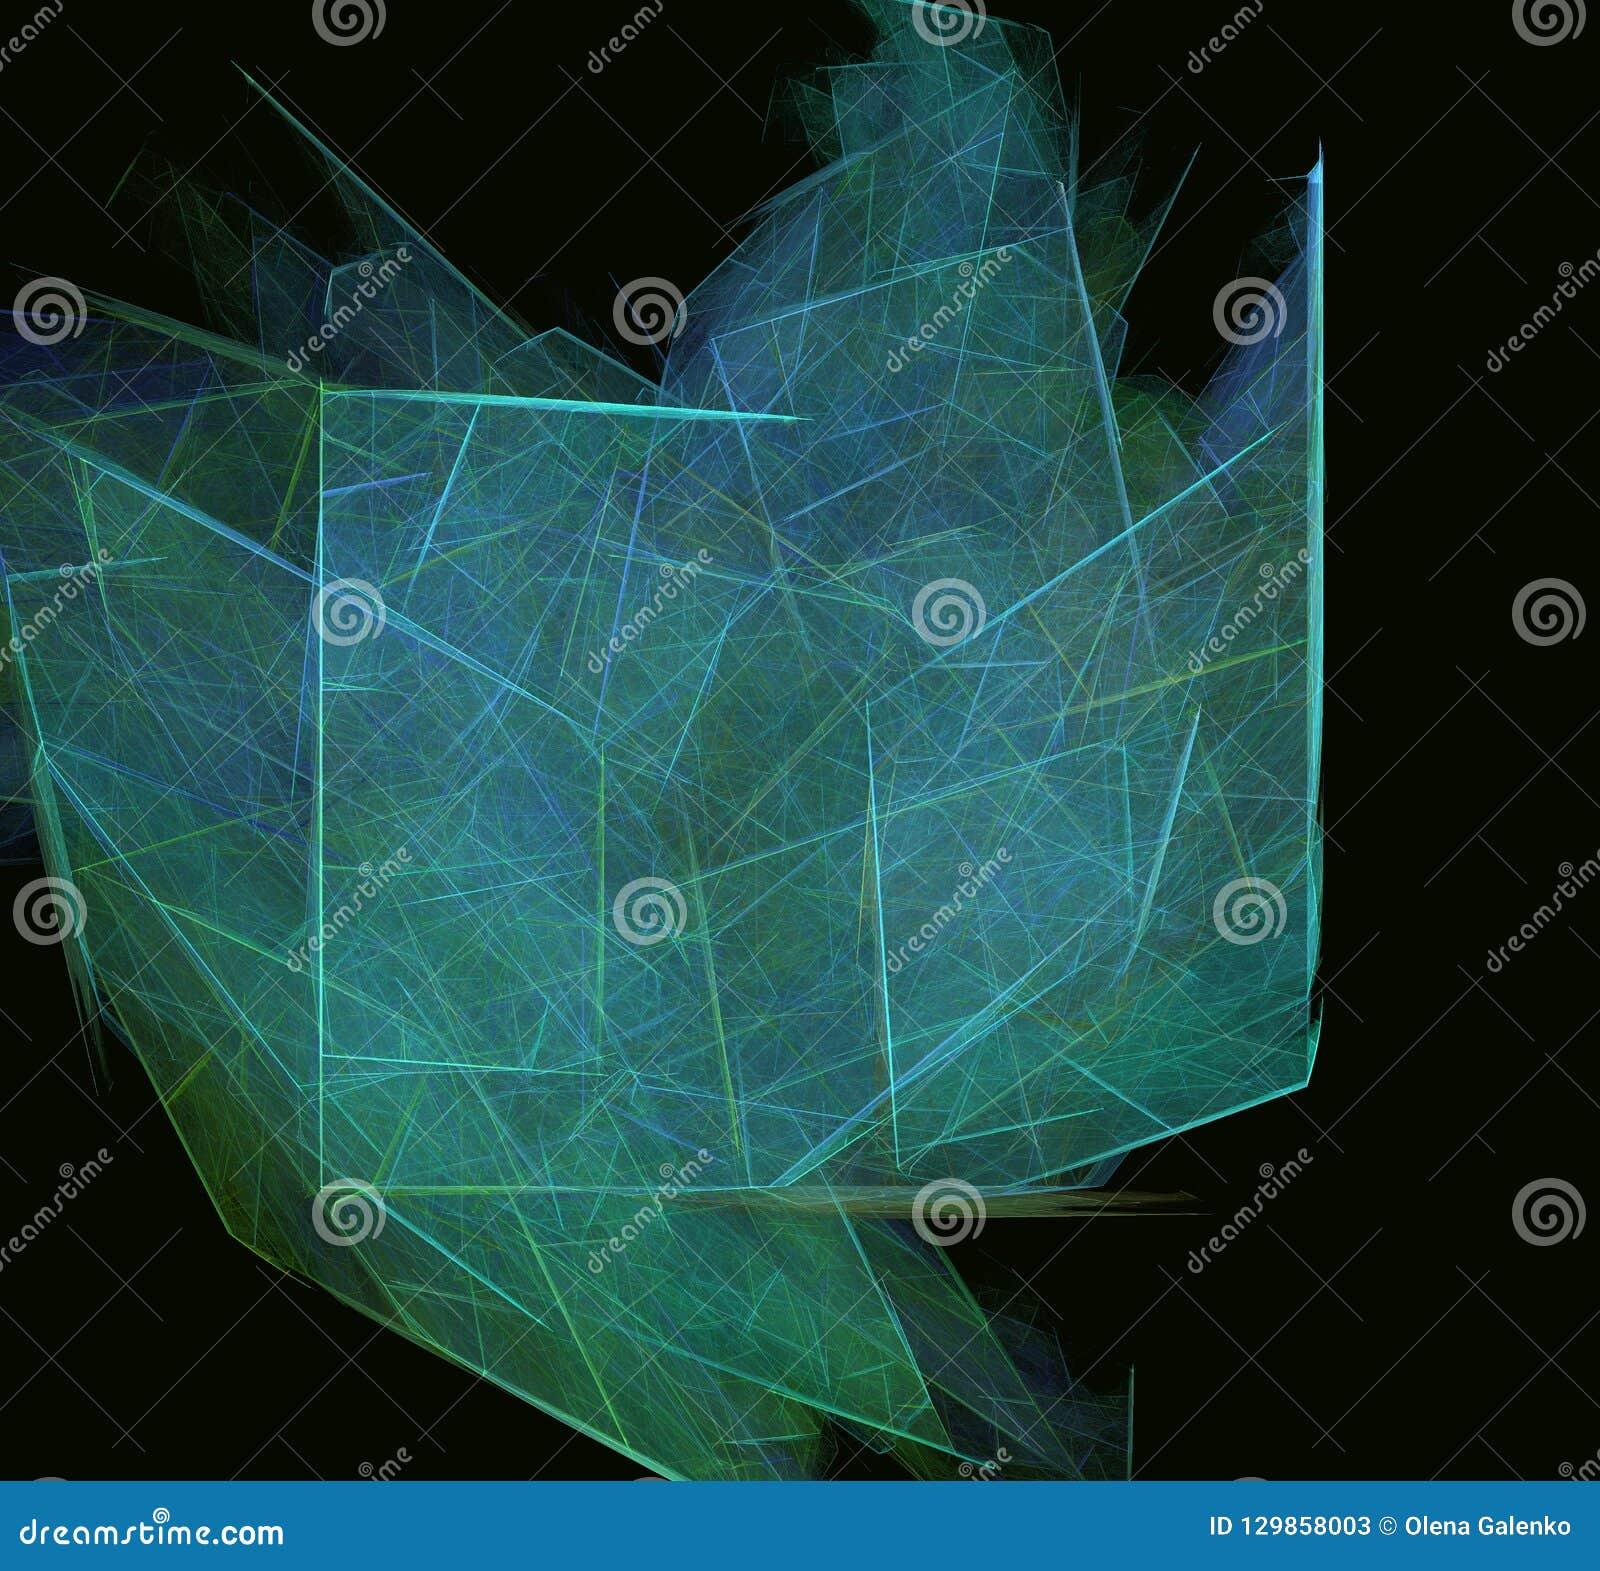 Grün-blaue abstrakte Fractalbeschaffenheit auf schwarzem Hintergrund Fantasie Fractalbeschaffenheit Tiefrote Rotation Digital-Art